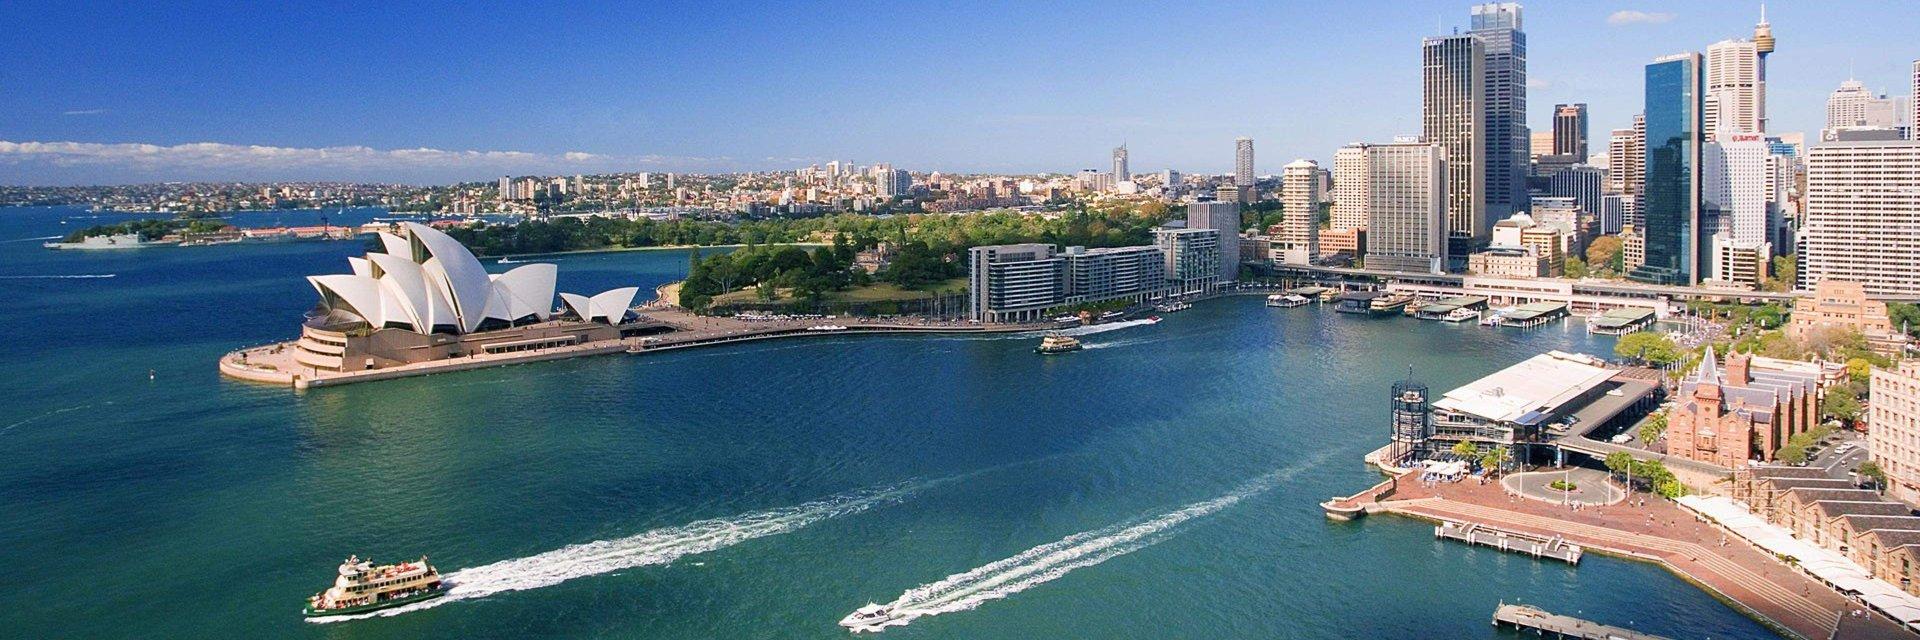 Туры на курорт Большой Барьерный Риф (Австралия) в октябре 2020 из Москвы - цены, путевки на отдых на курорте Большой Барьерный Риф в октябре - ПАКС